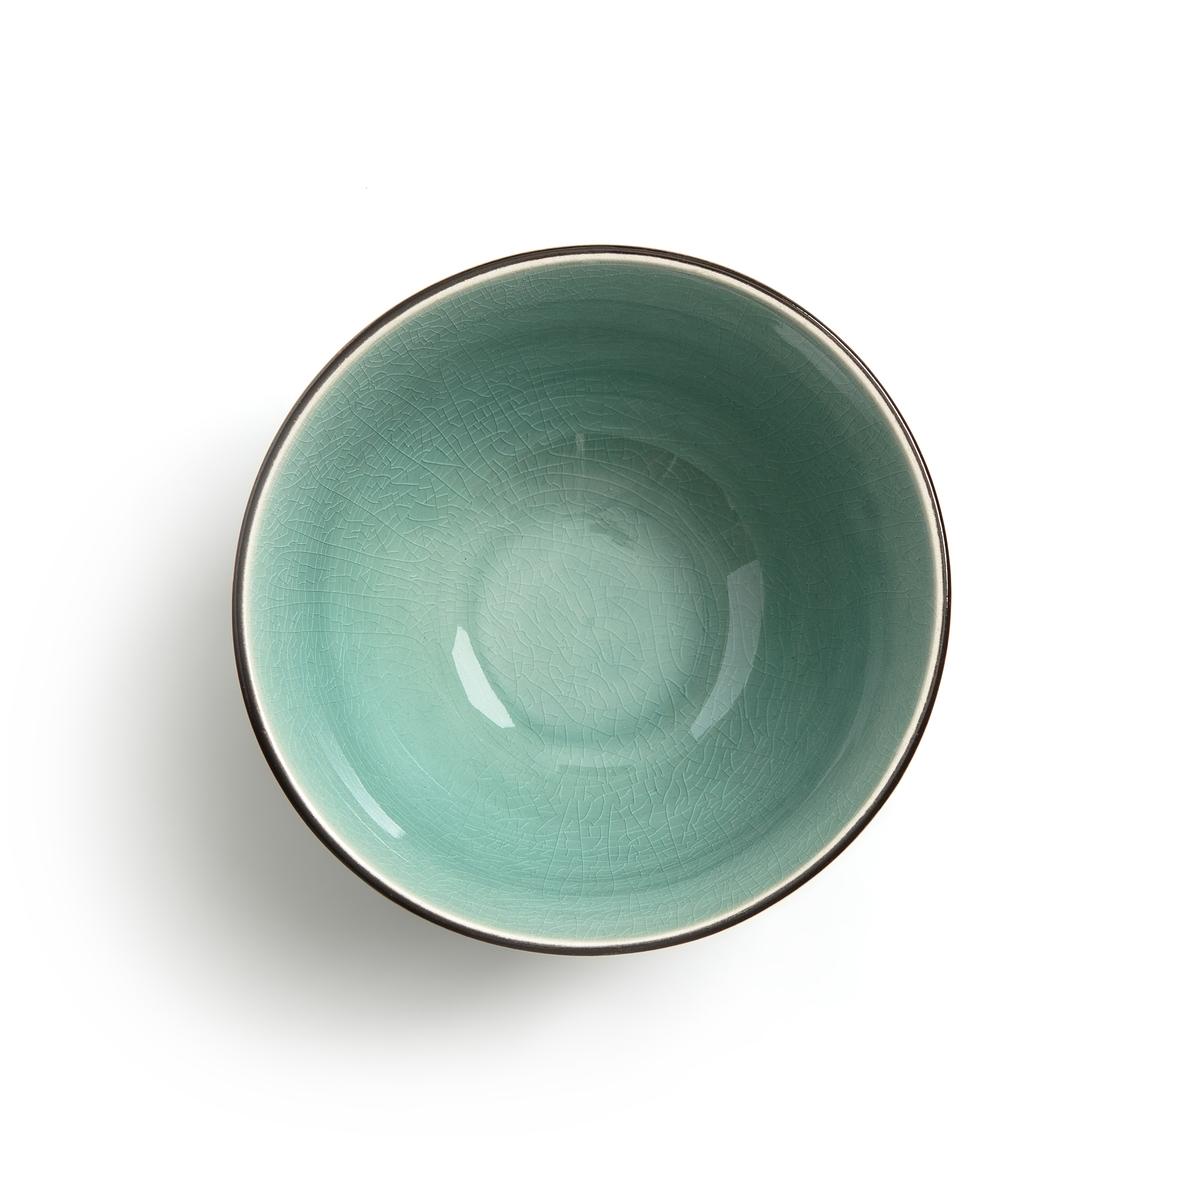 Комплект из 2 чашек из керамики, покрытой глазурью, Sonequa2 чашки Sonequa. Чайные чашки в азиатском стиле, которые также можно использовать для аперитива или десерта. Их отделка в виде сети искусственных трещин с перламутровым эффектом добавит аутентичности и очарования.Характеристики : - Из керамики, покрытой глазурью, с отделкой в виде сети искусственных трещин- Можно использовать в посудомоечных машинах и микроволновых печах- Поставляет в коробке черного цветаРазмеры :- ?12 x В.6 см<br><br>Цвет: изумрудный